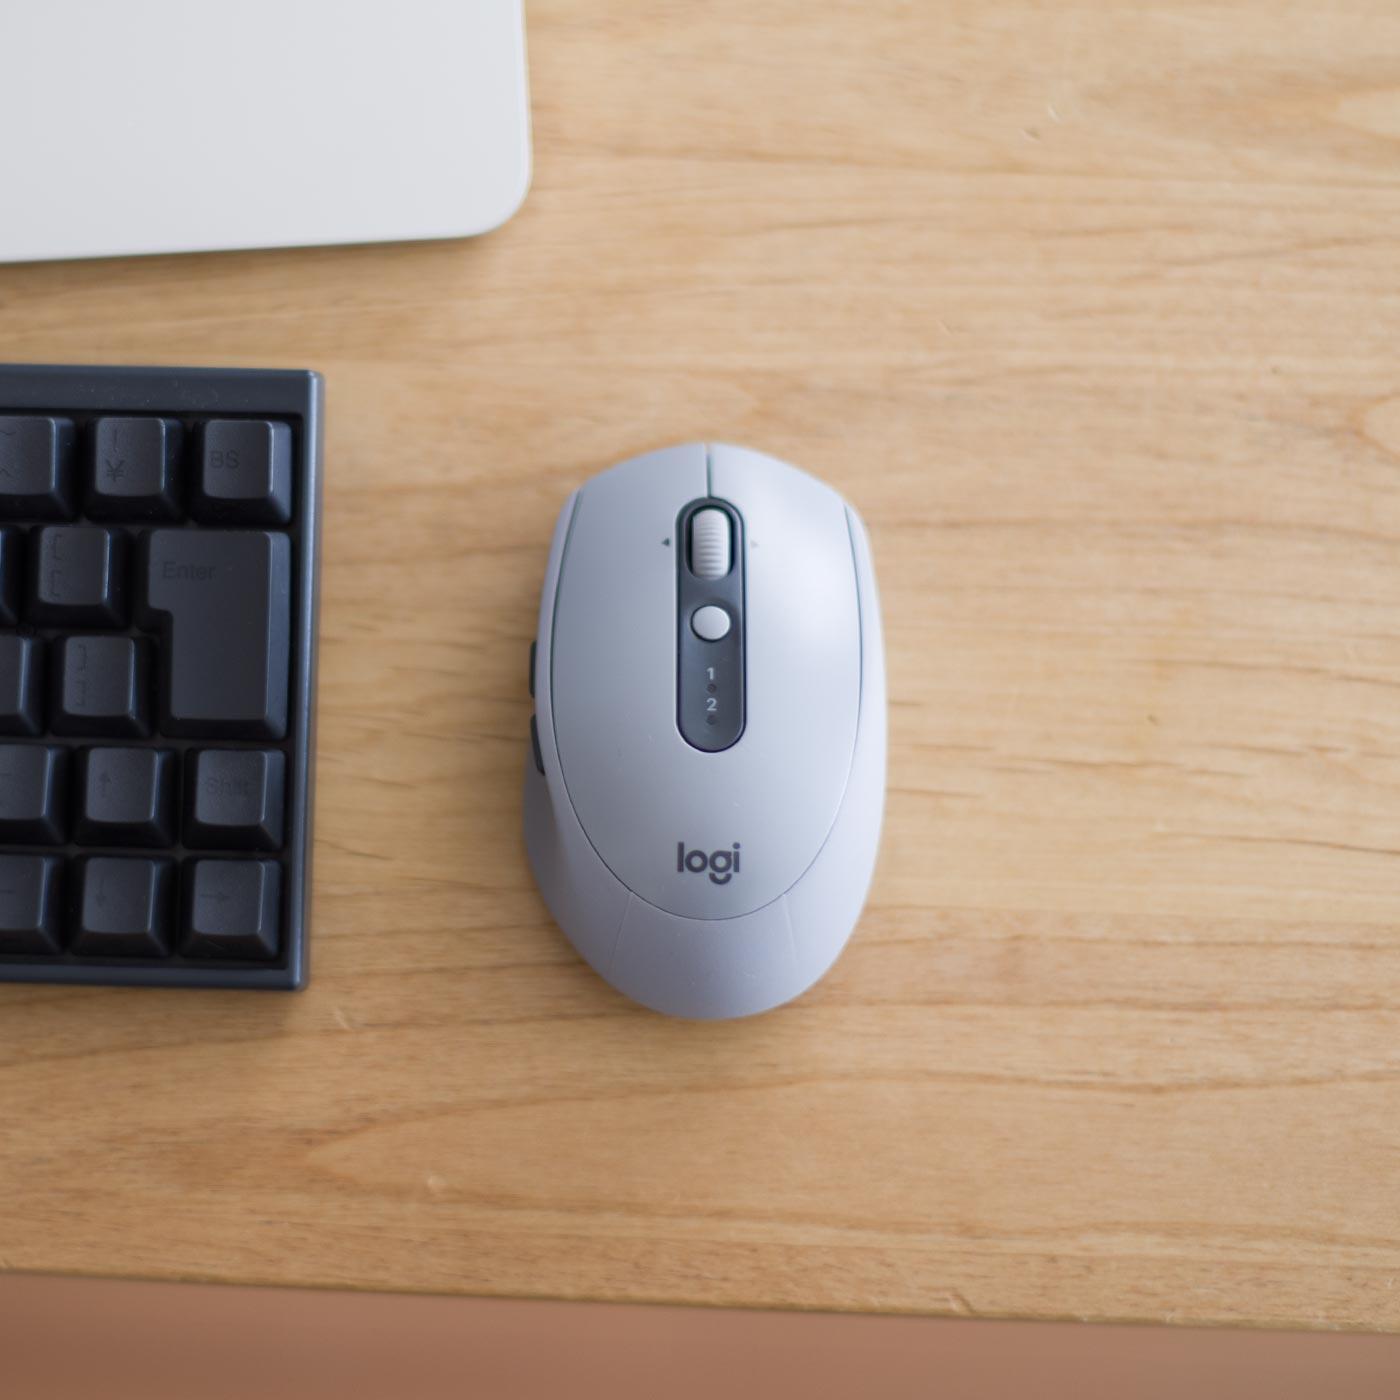 ロジクール ワイヤレスマウス m590 レビュー | 結論:デザインはやっぱりマウスが便利だった。logicoolがおすすめ。